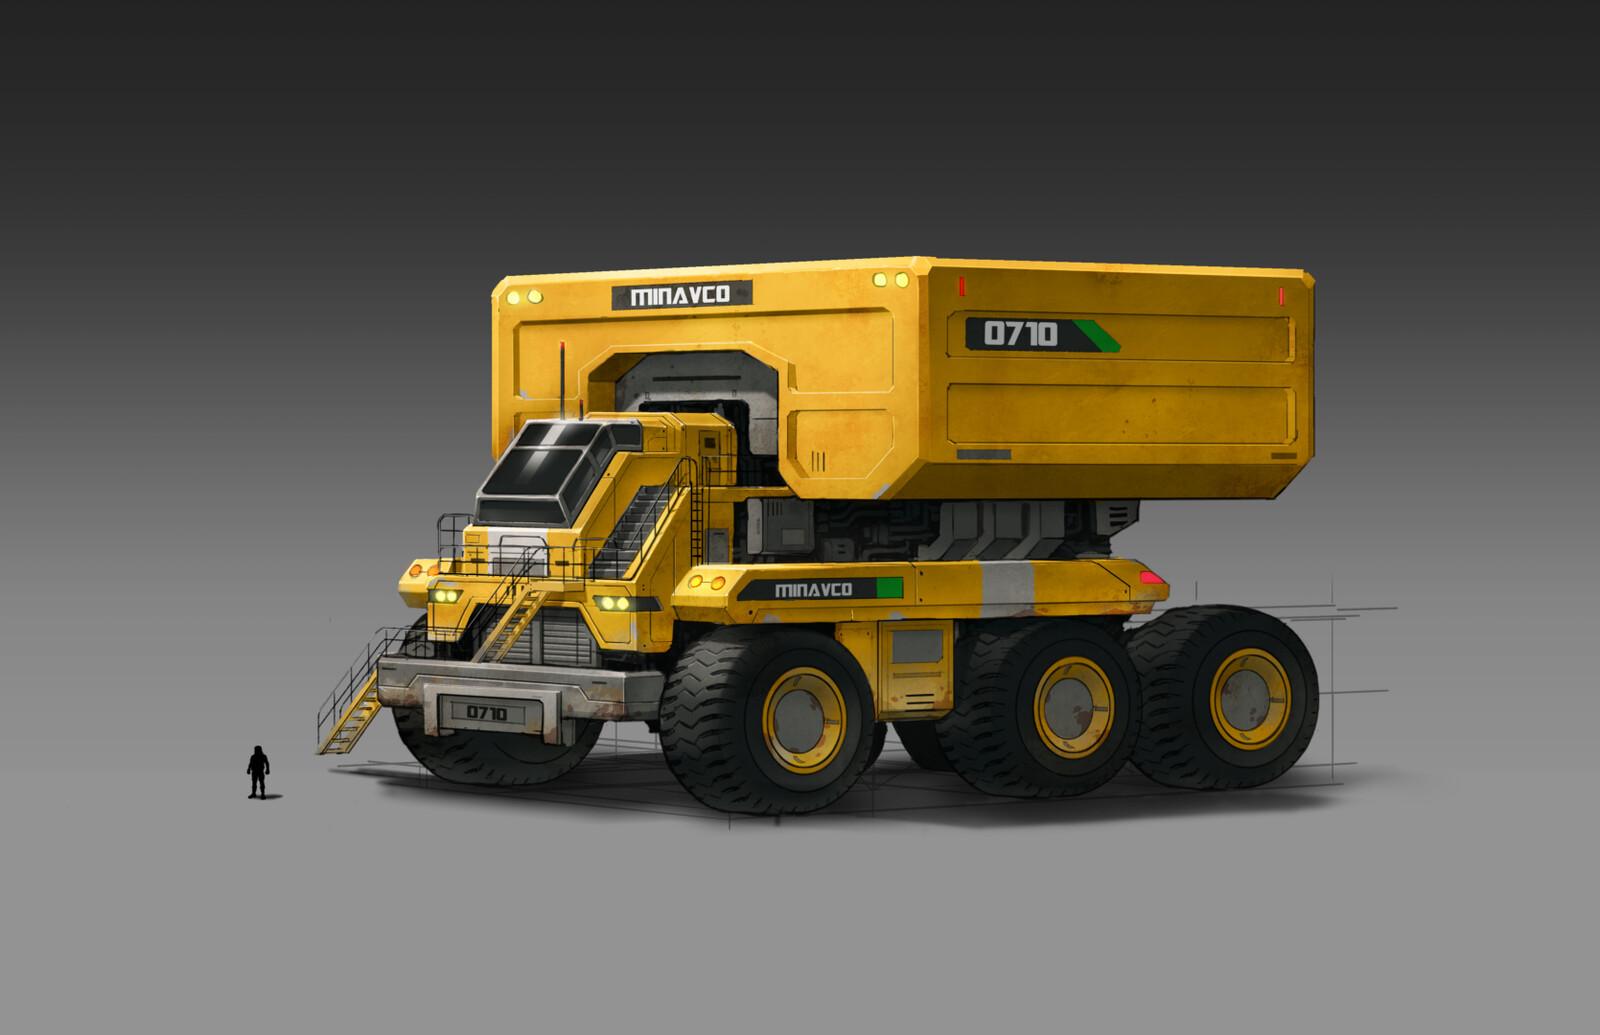 Sci-fi Haul Truck